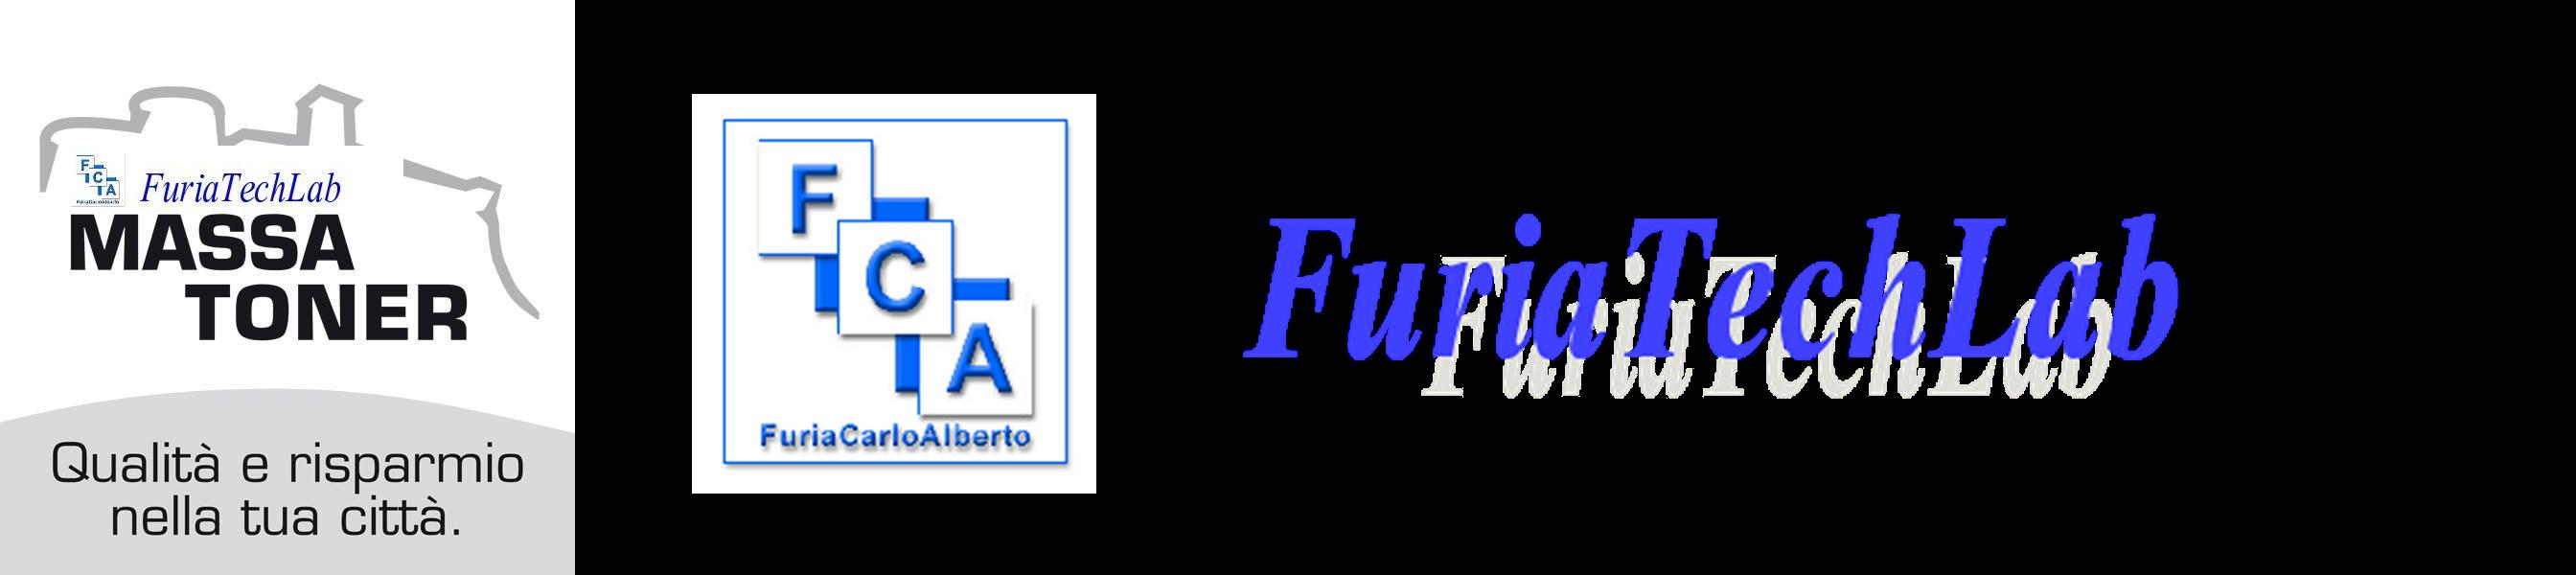 Furiatech: Assistenza tecnica specializzata computers consolles Punto di ritiro Amazon